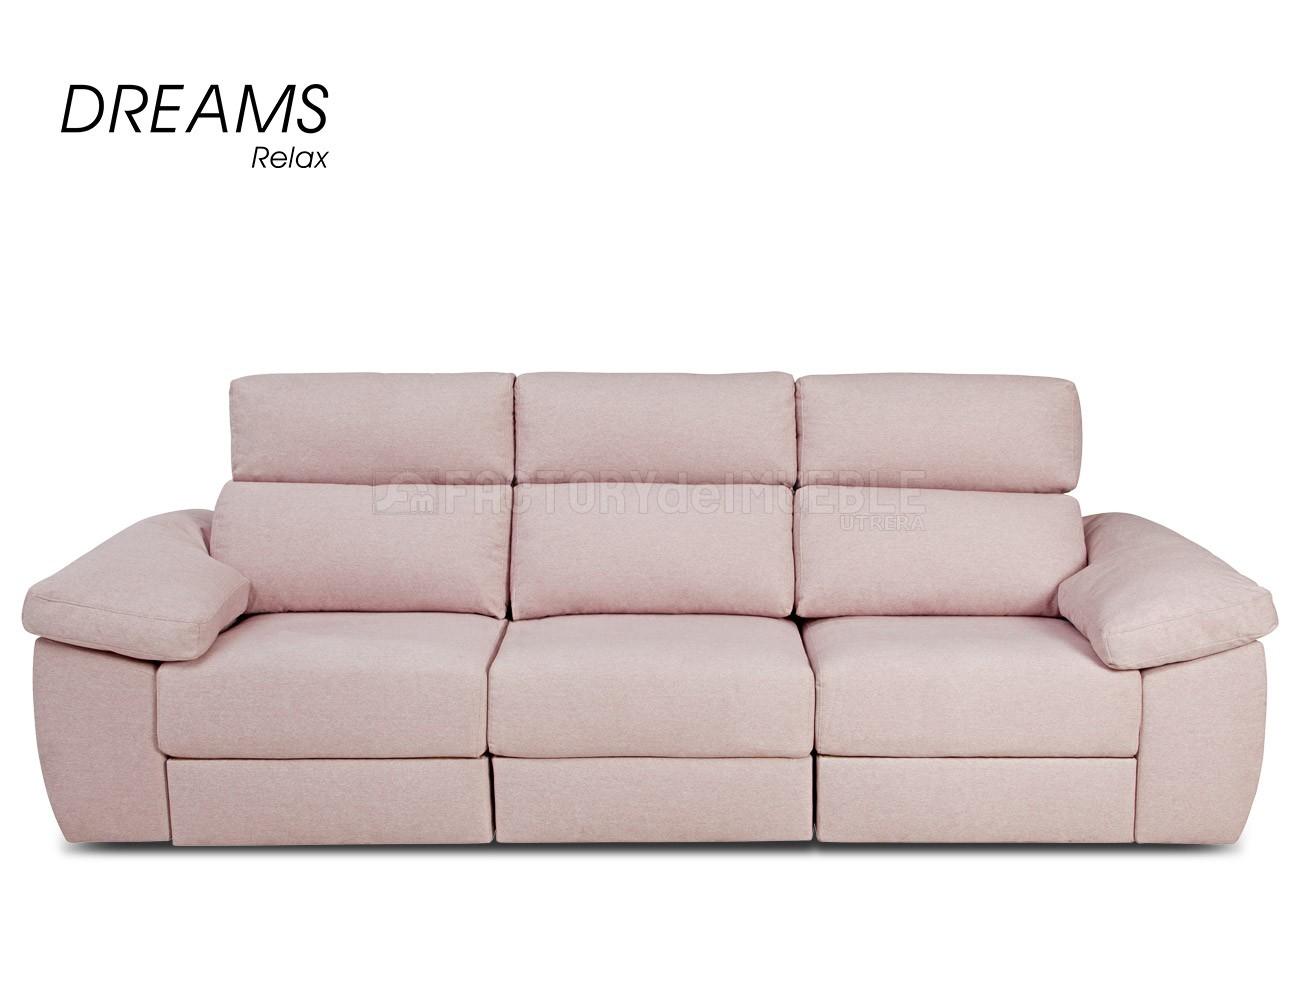 Sofa rosa chaiselongue